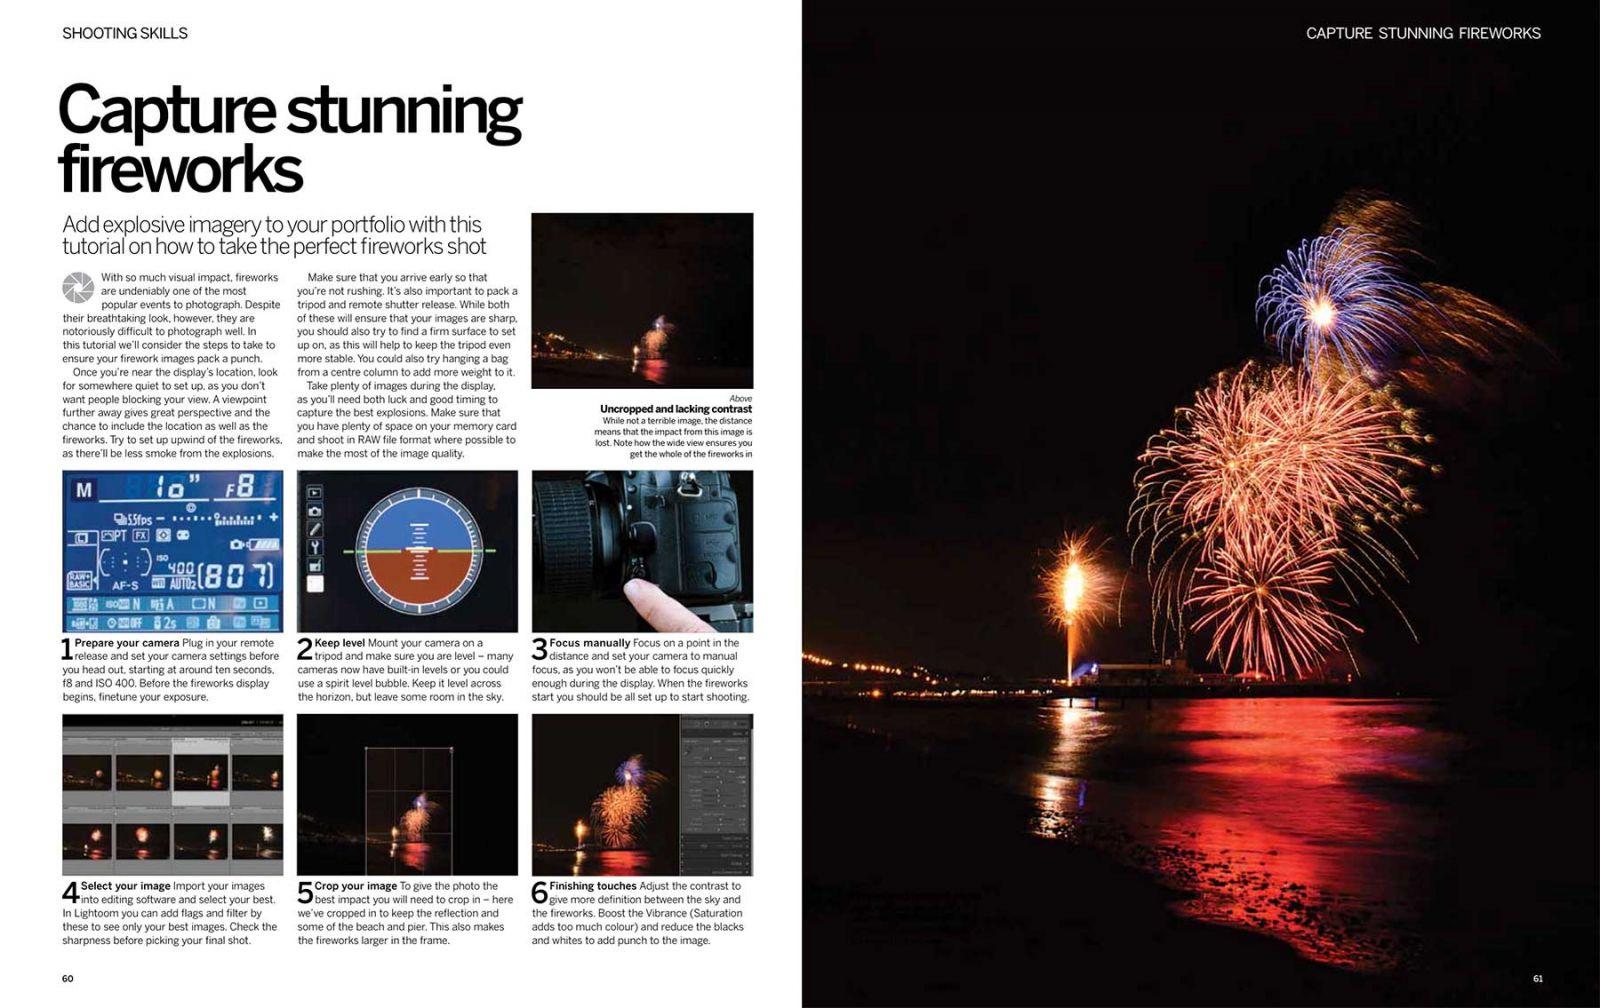 dorset-workshop-photography-shooting_fireworks